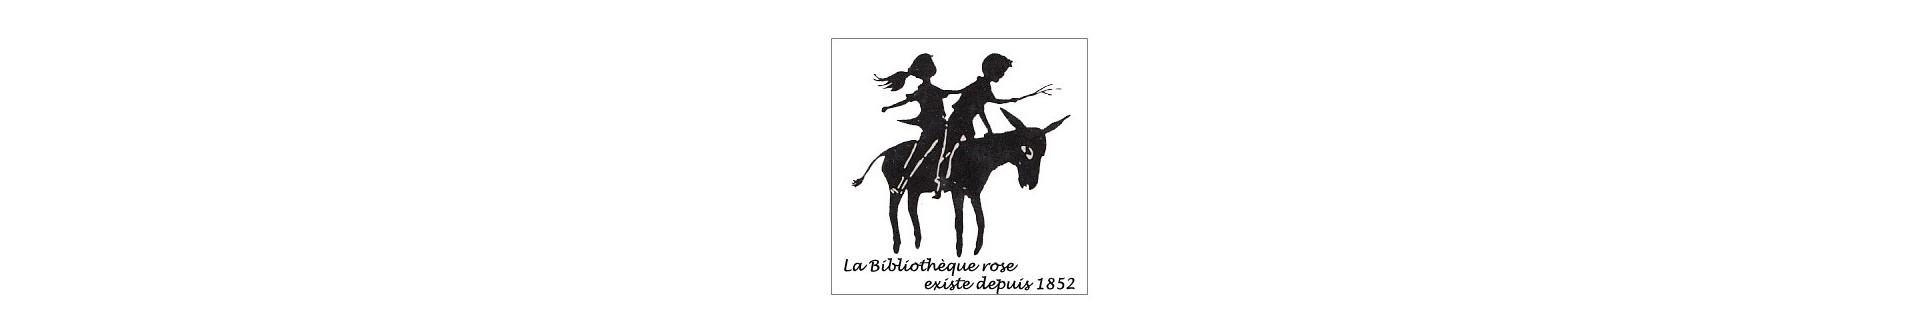 Bibliothèque Rose - Éditions Hachette - Livres d'occasion